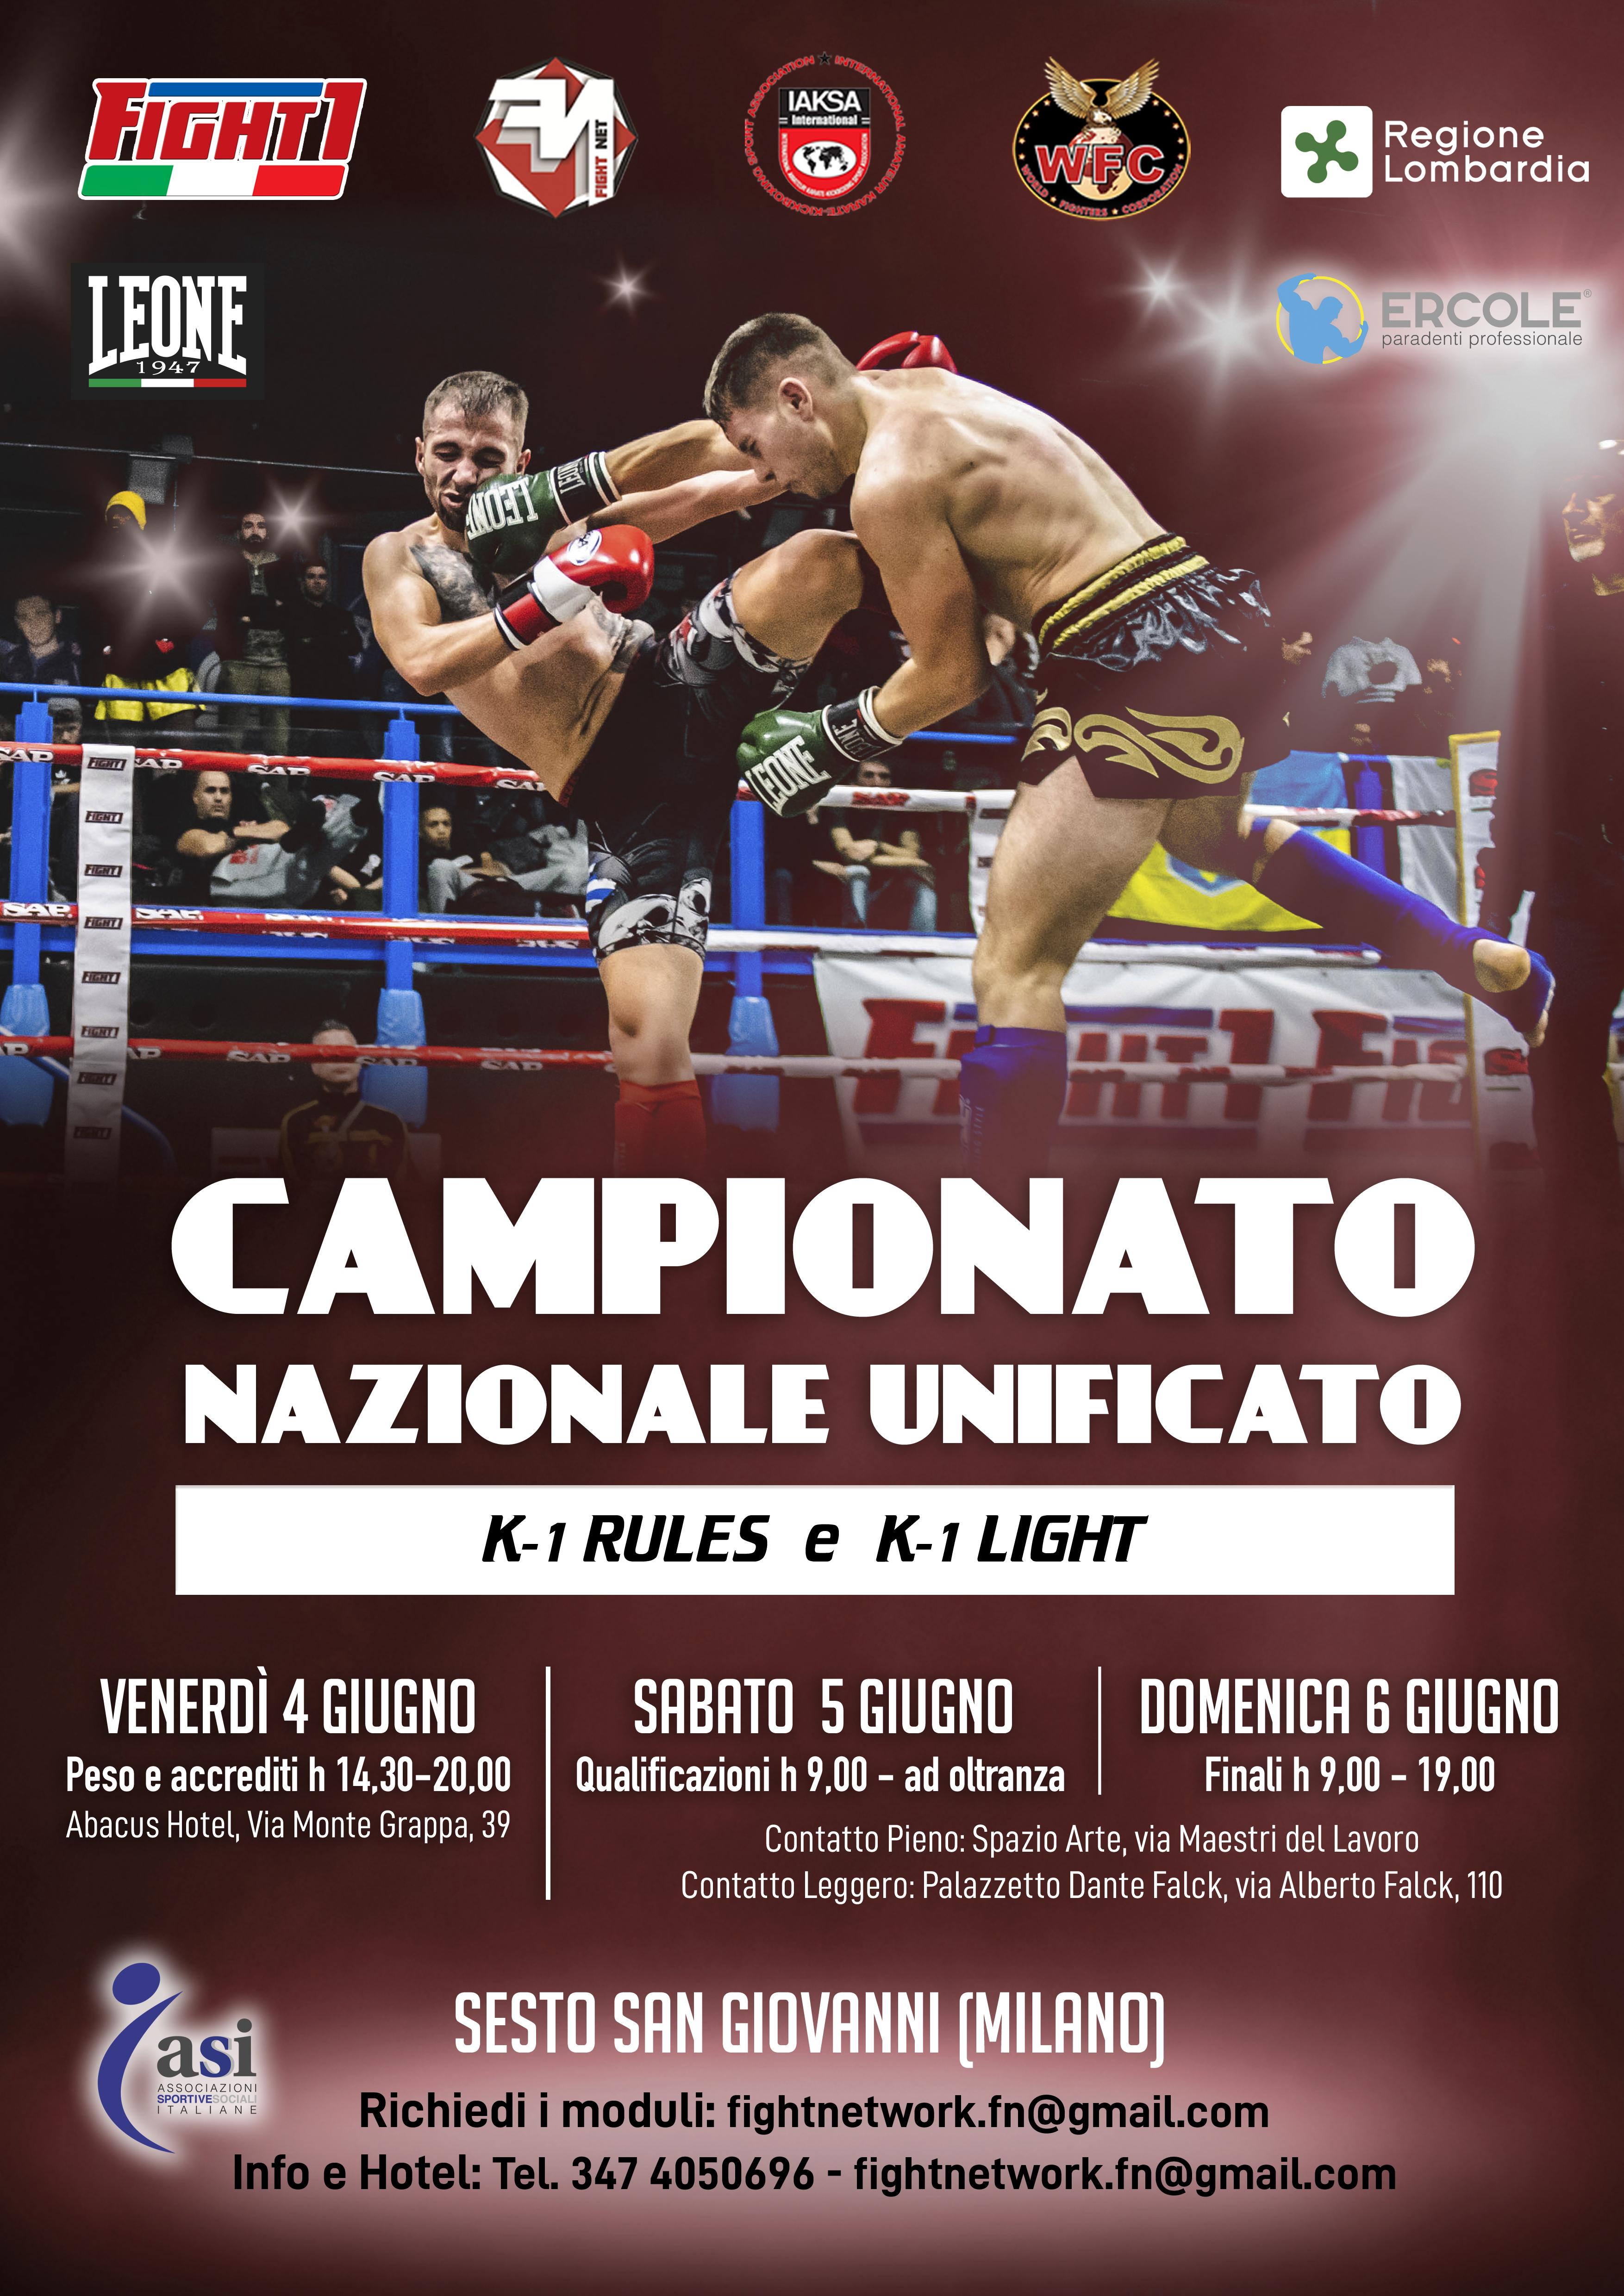 FIGHT CODE_fight net